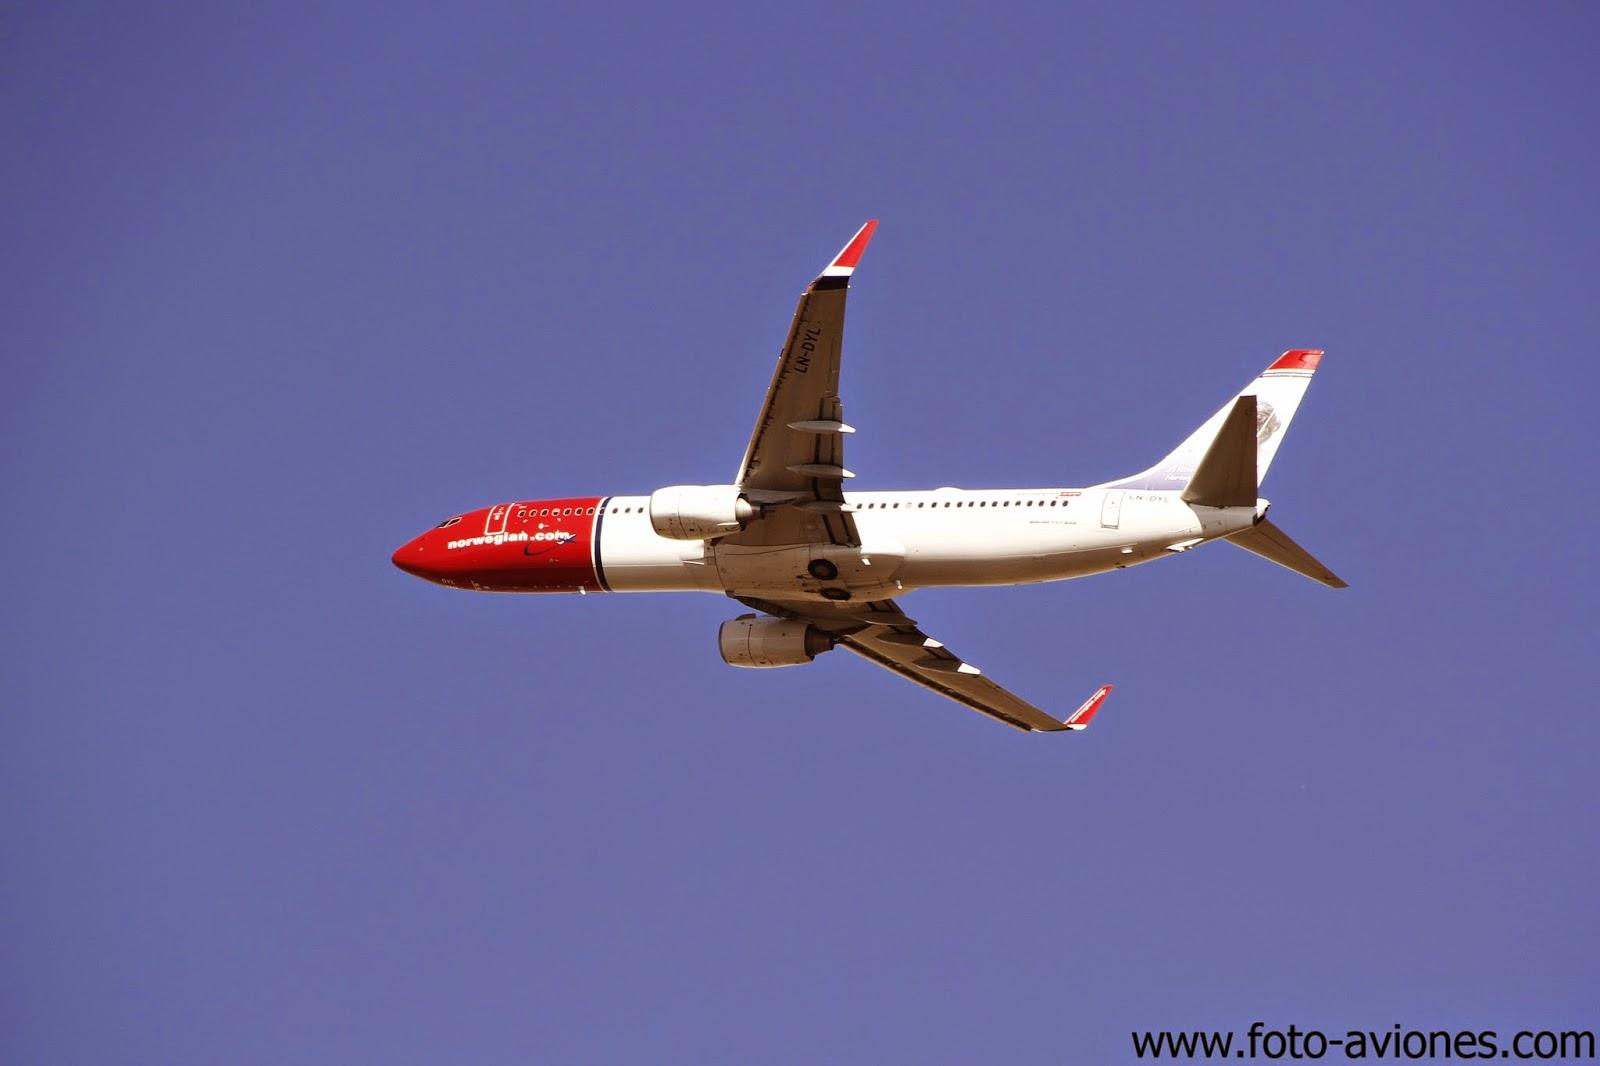 Boeing 737 Next Gen LN-DYL